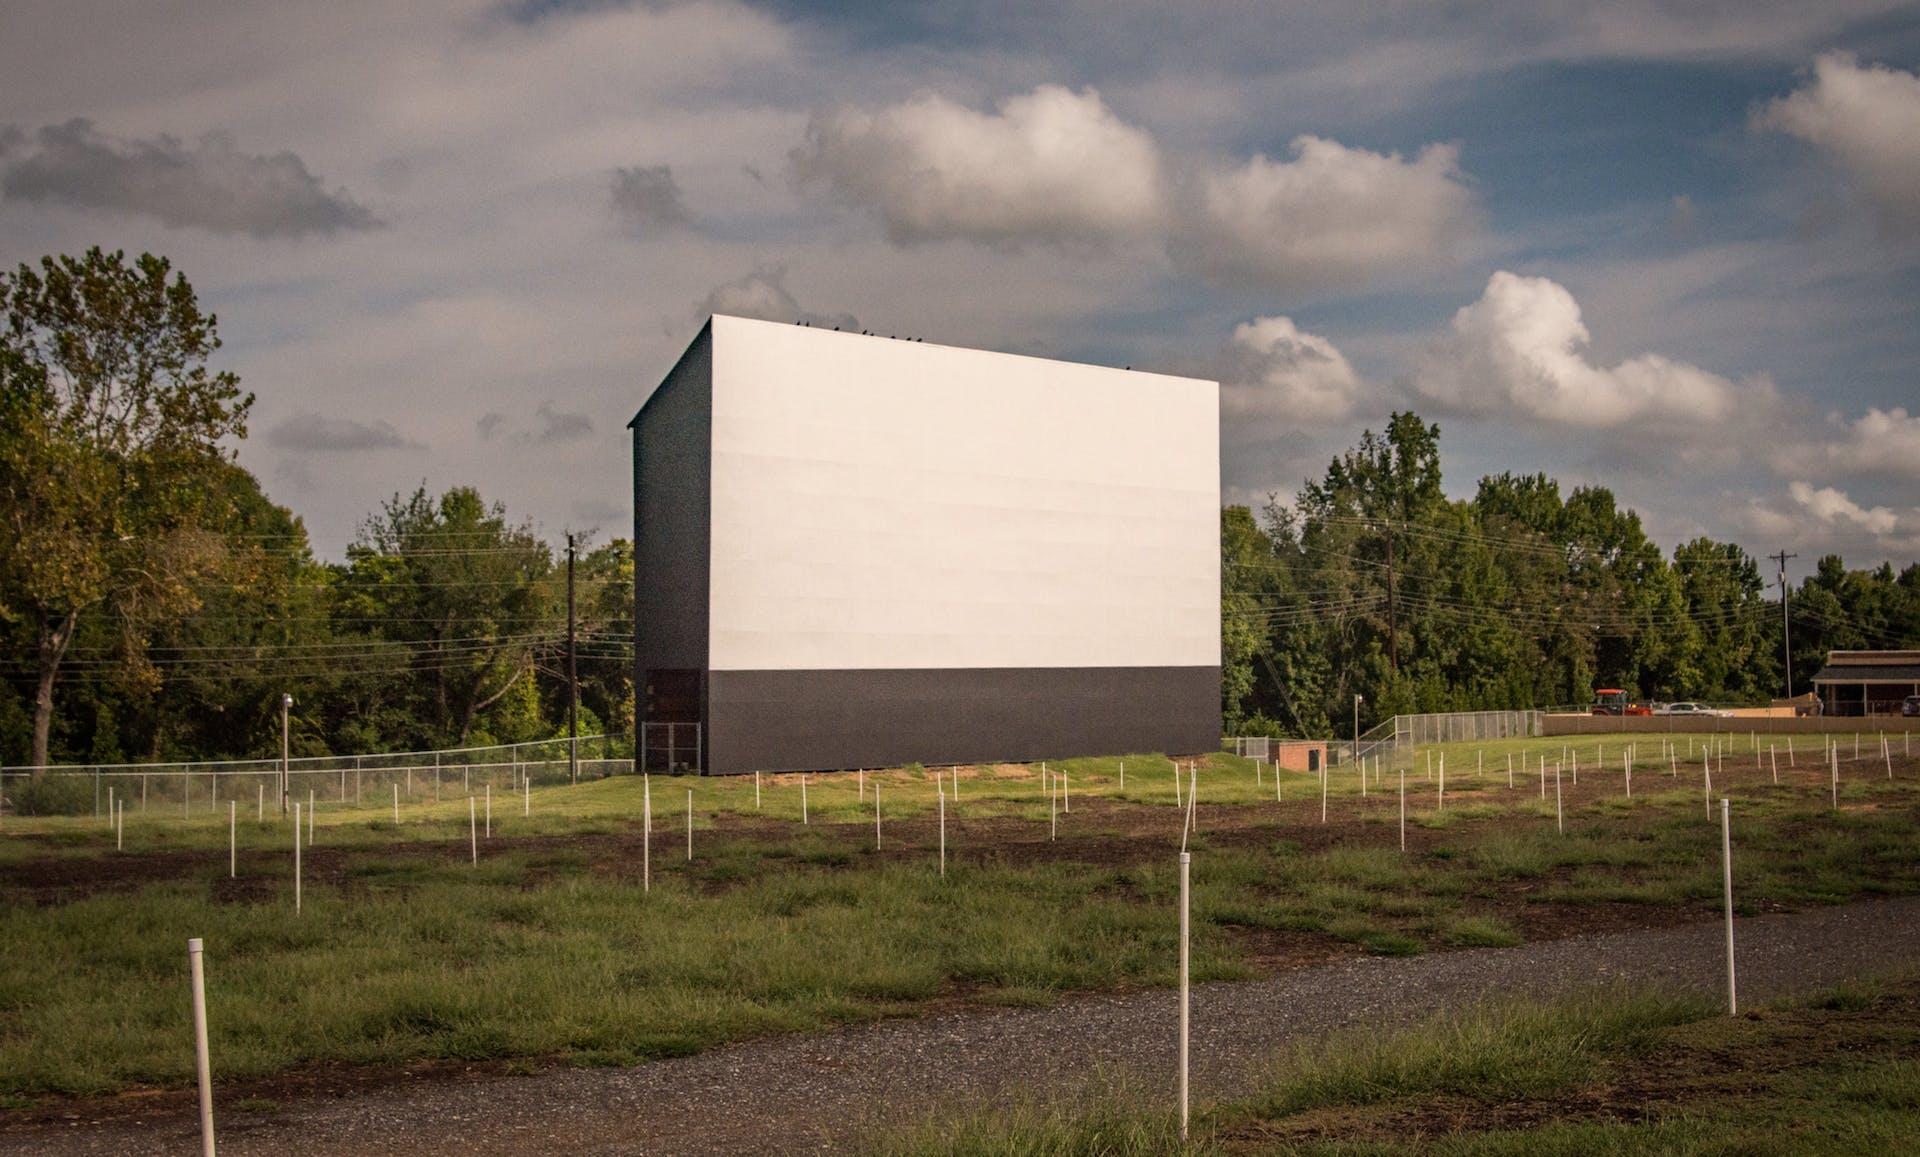 drive-in movie screen in field